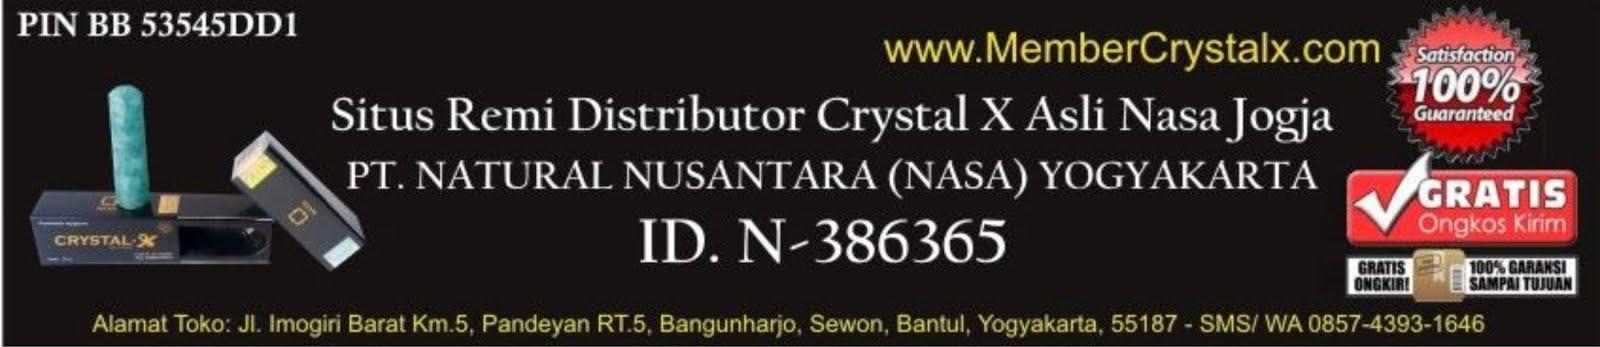 Jual Crystal X Asli dengan Harga Distributor